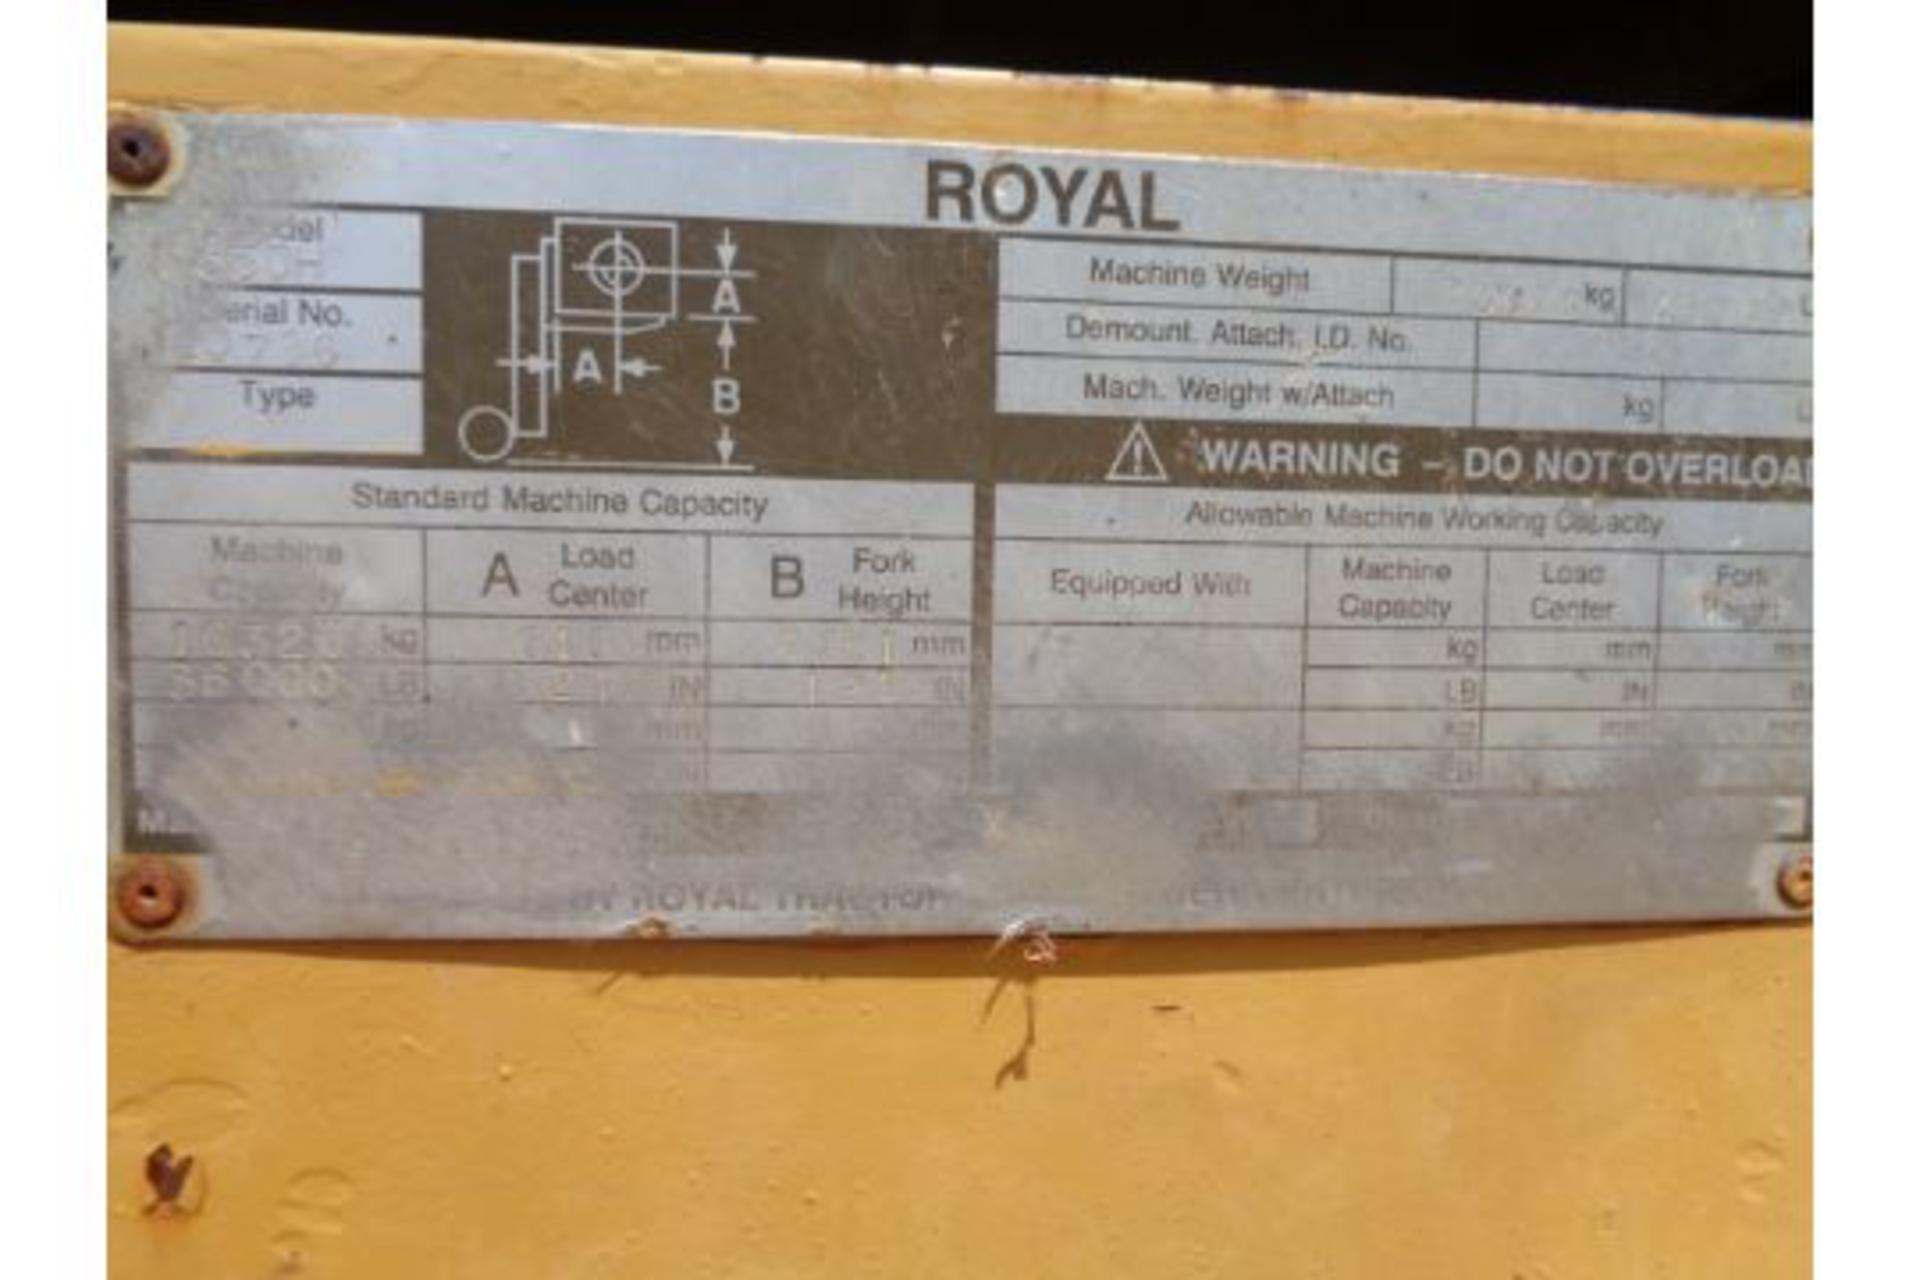 1998 Royal P330H 36,000lb Forklift - Image 19 of 19